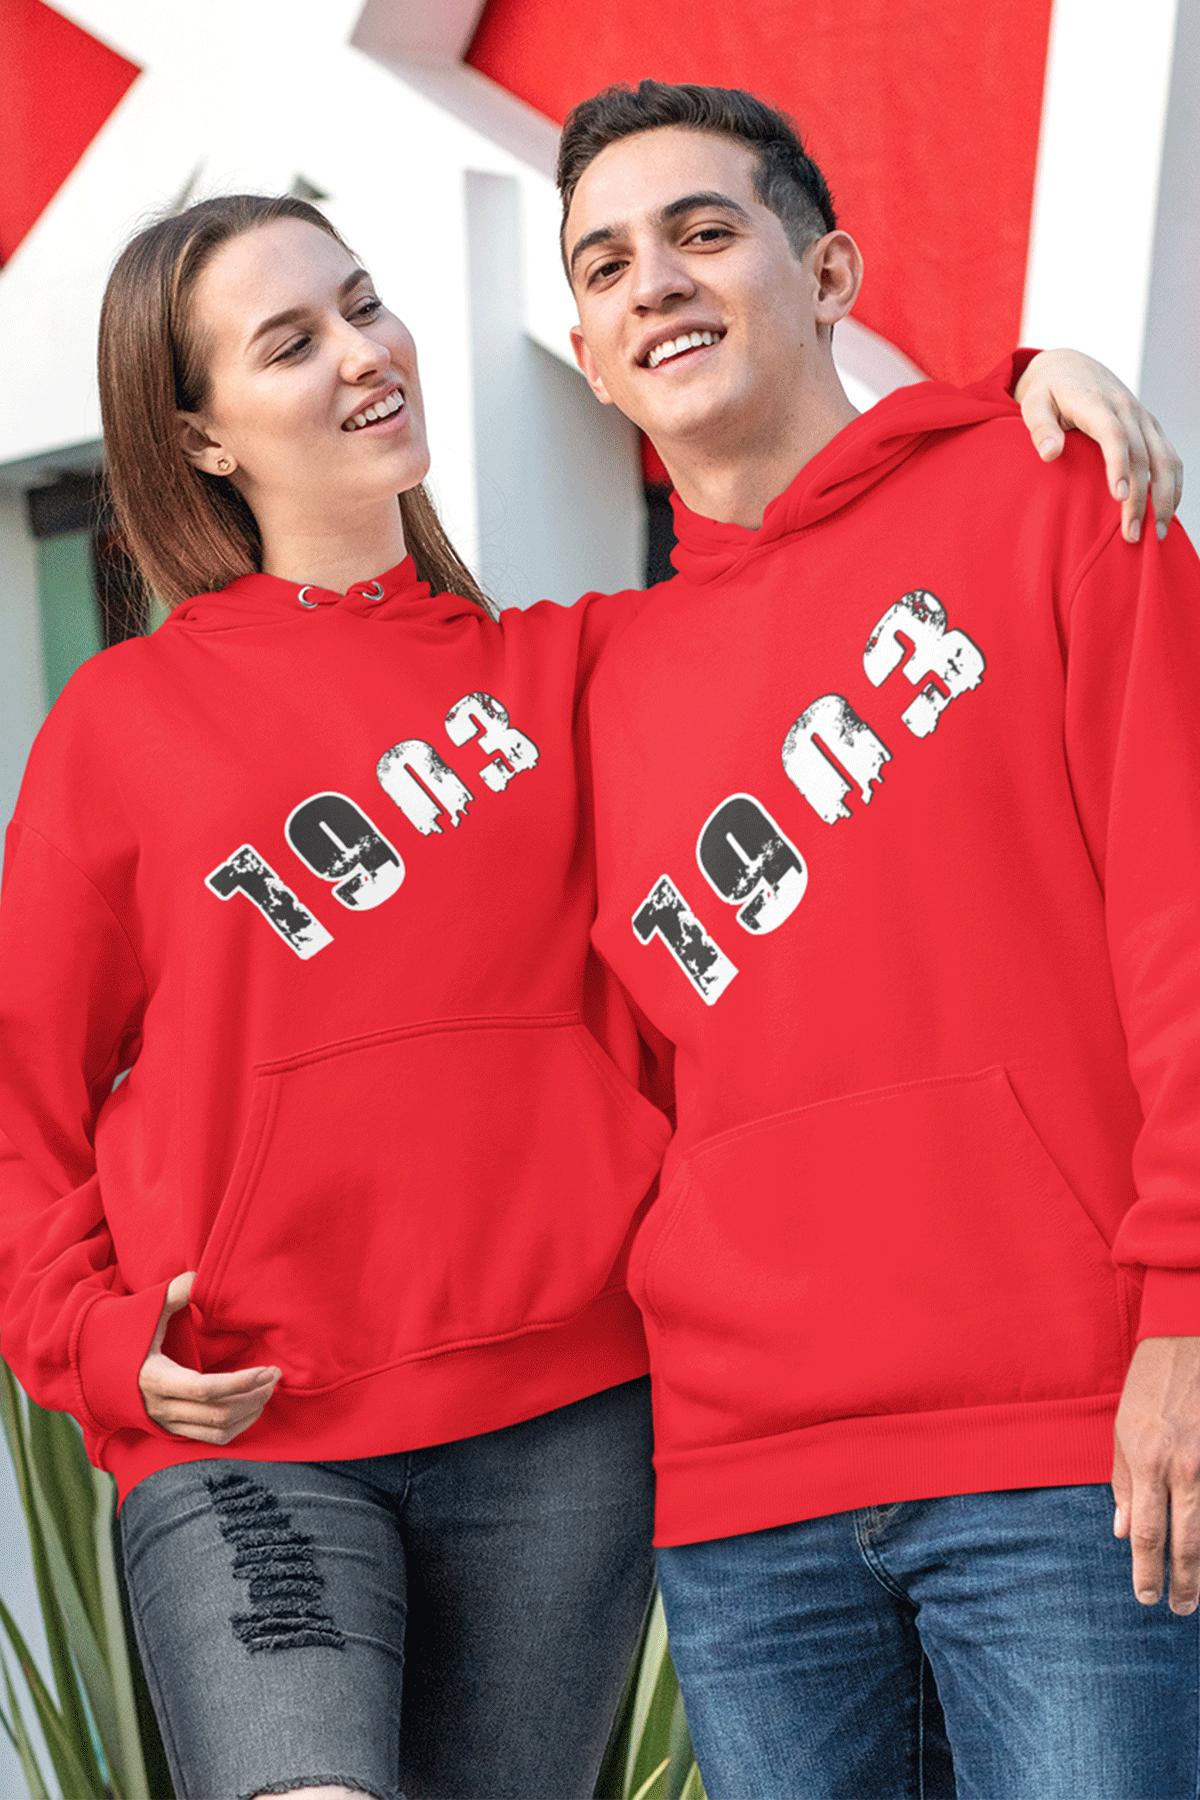 Sevgili Kombini BJK 01-1 Kırmızı Kapşonlu Sweatshirt - Tek Ürün Fiyatıdır.